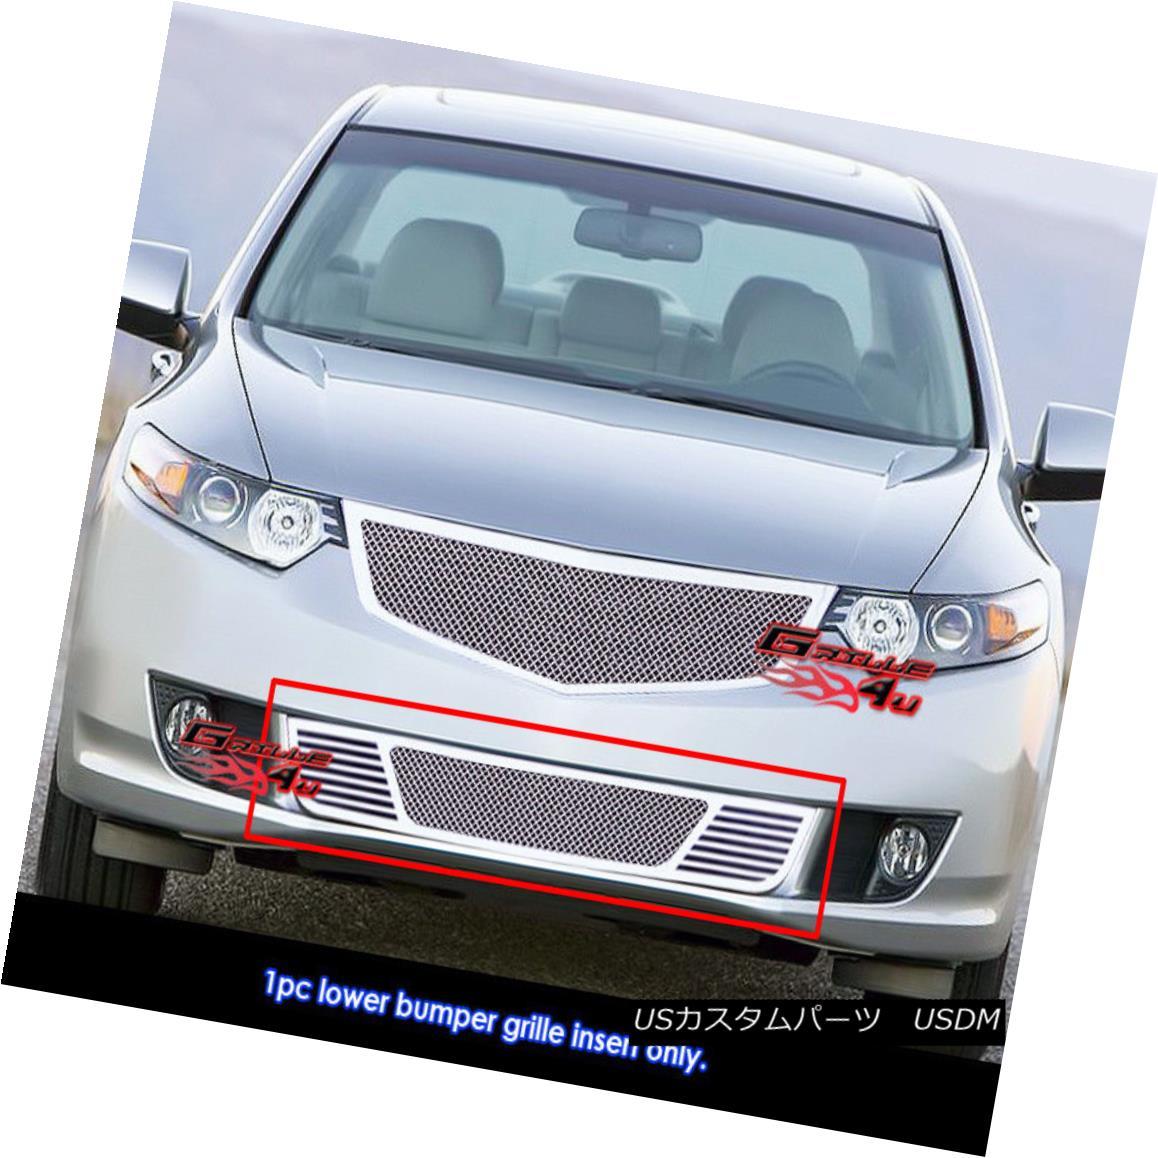 グリル For 2009-2010 Acura TSX Bumper Stainless Steel Mesh Grille Grill Insert 2009-2010 Acura TSXバンパーステンレスメッシュグリルグリルインサート